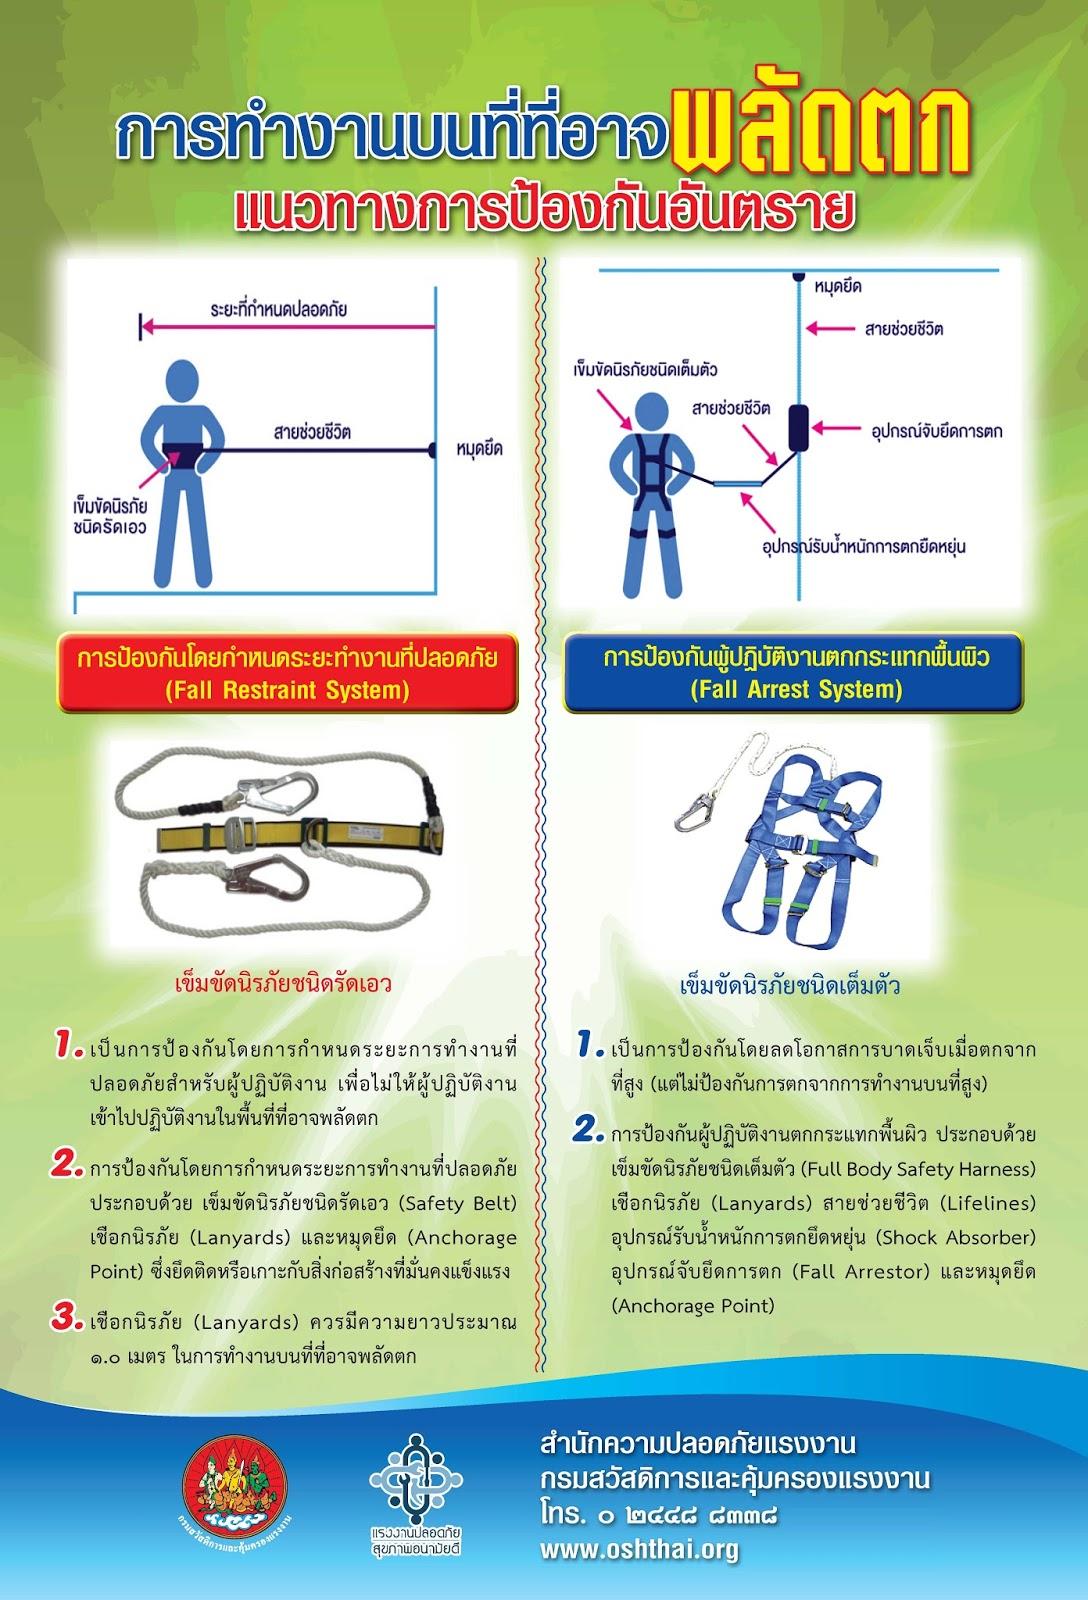 การเลือกใช้อุปกรณ์คุ้มครองความปลอดภัยส่วนบุคคลในการทำงานบนที่ที่อาจพลัดตก